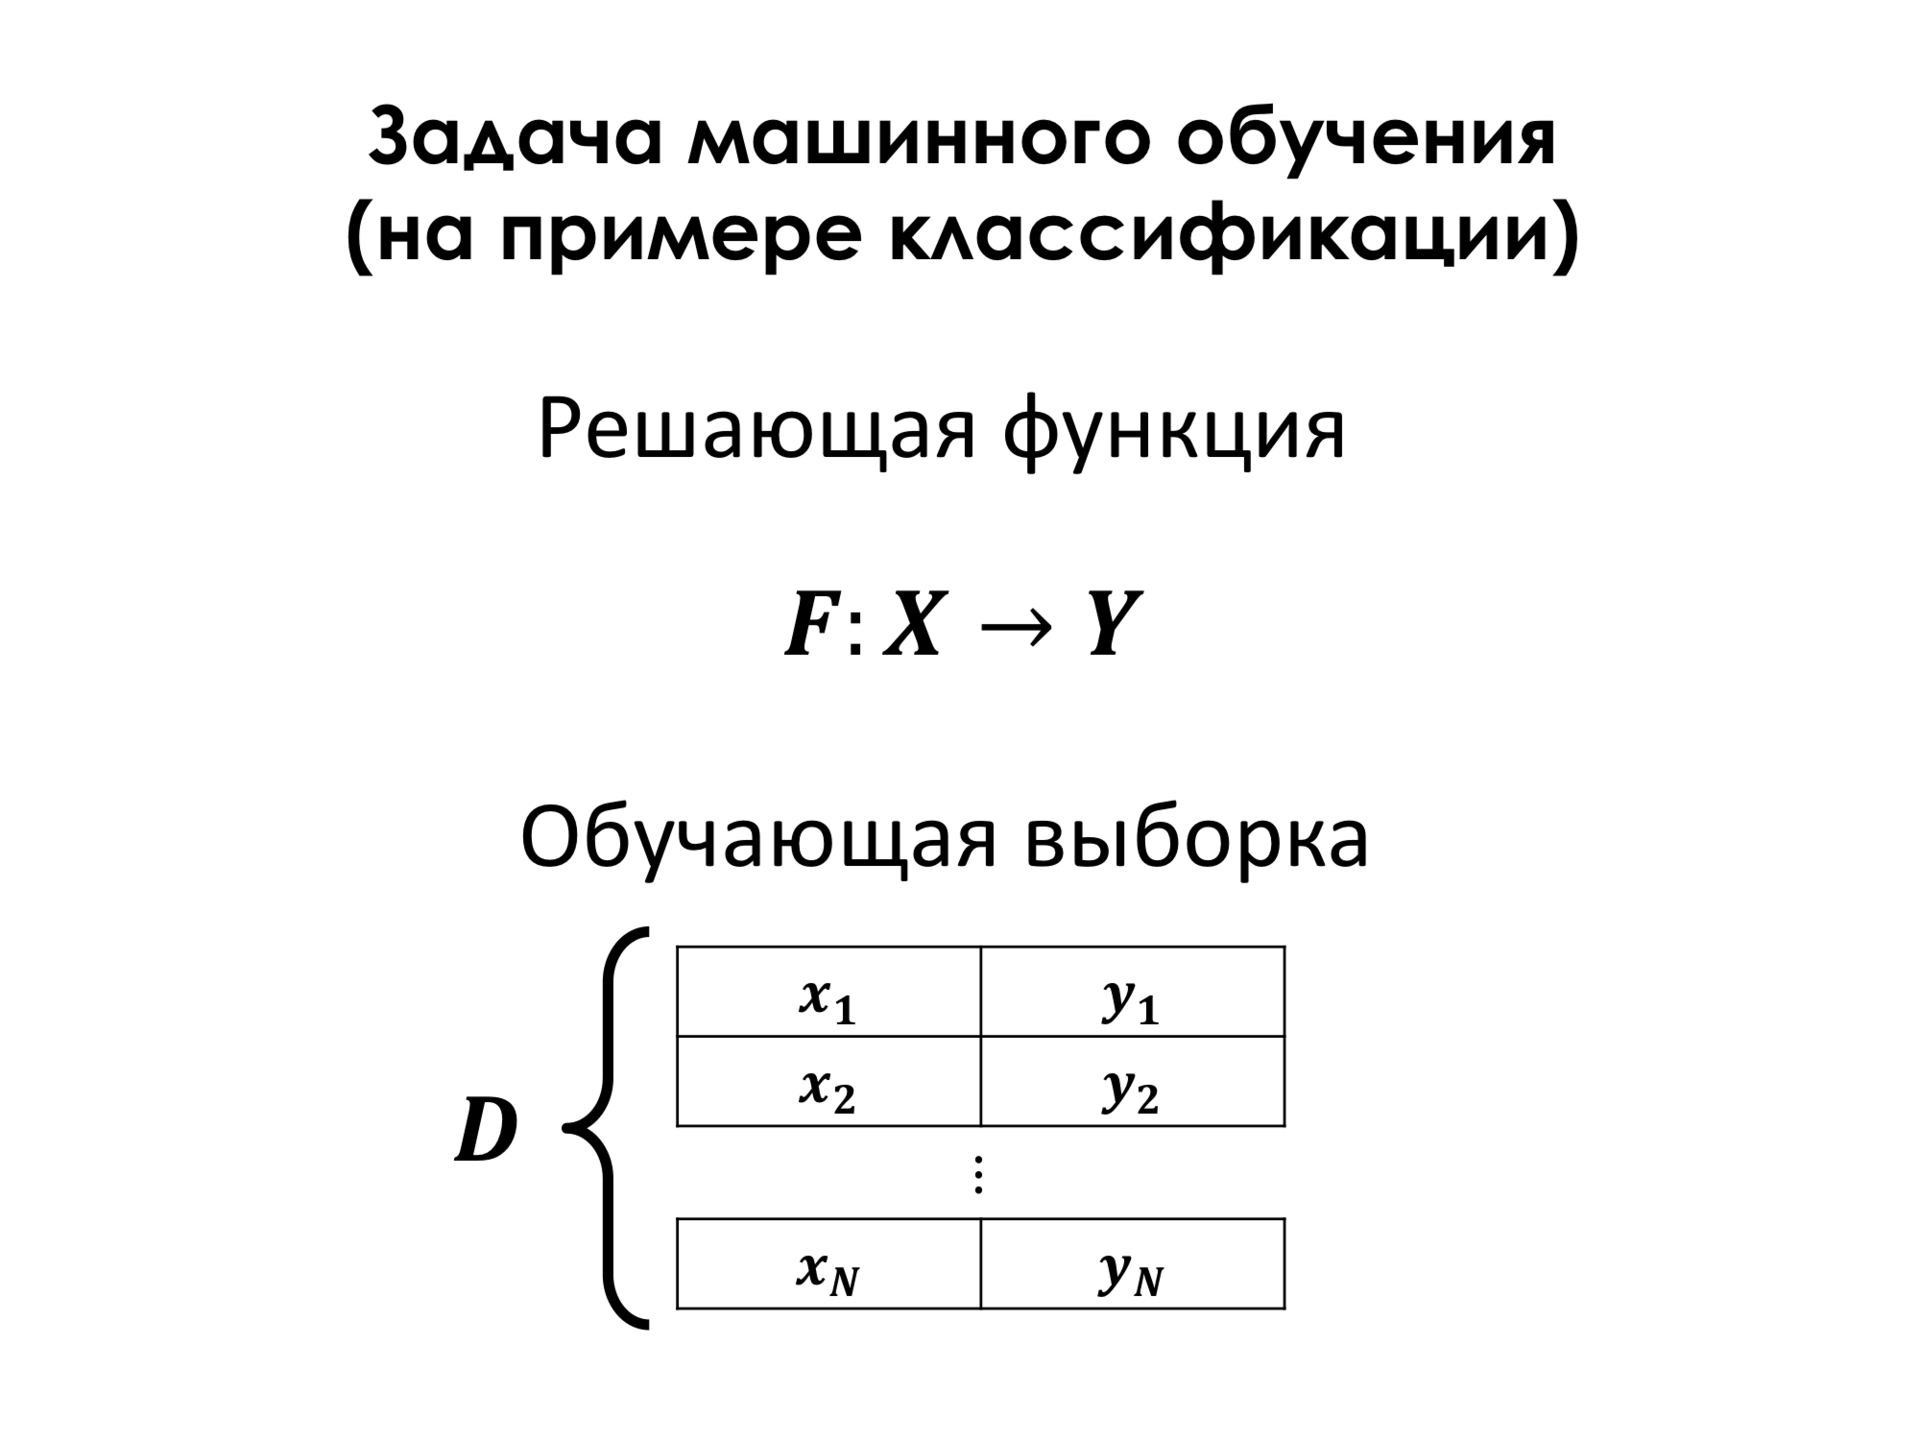 Самое главное о нейронных сетях. Лекция в Яндексе - 6